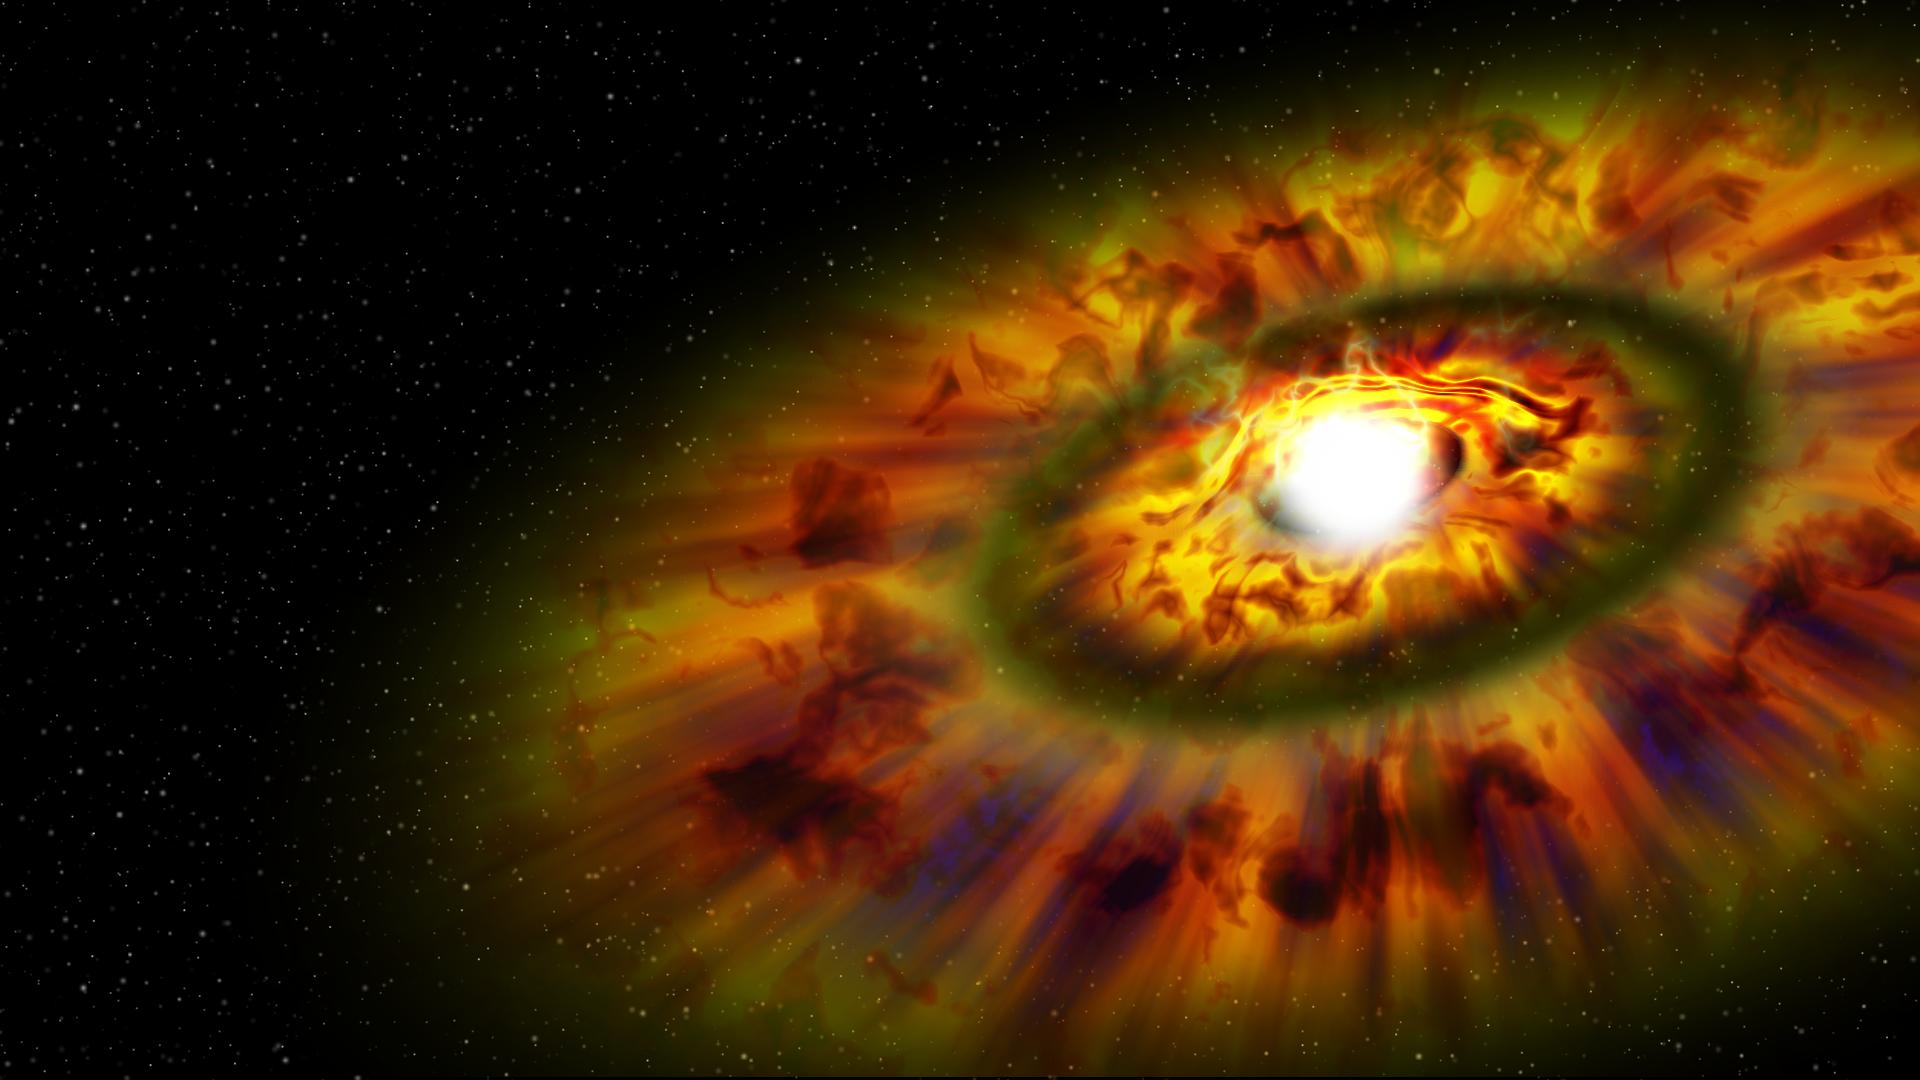 Capitulo 02 -- Ato 03 - A luz não existirá (missão narrada) Electric_firey_explosion_by_ramdesigns-d2xrhei